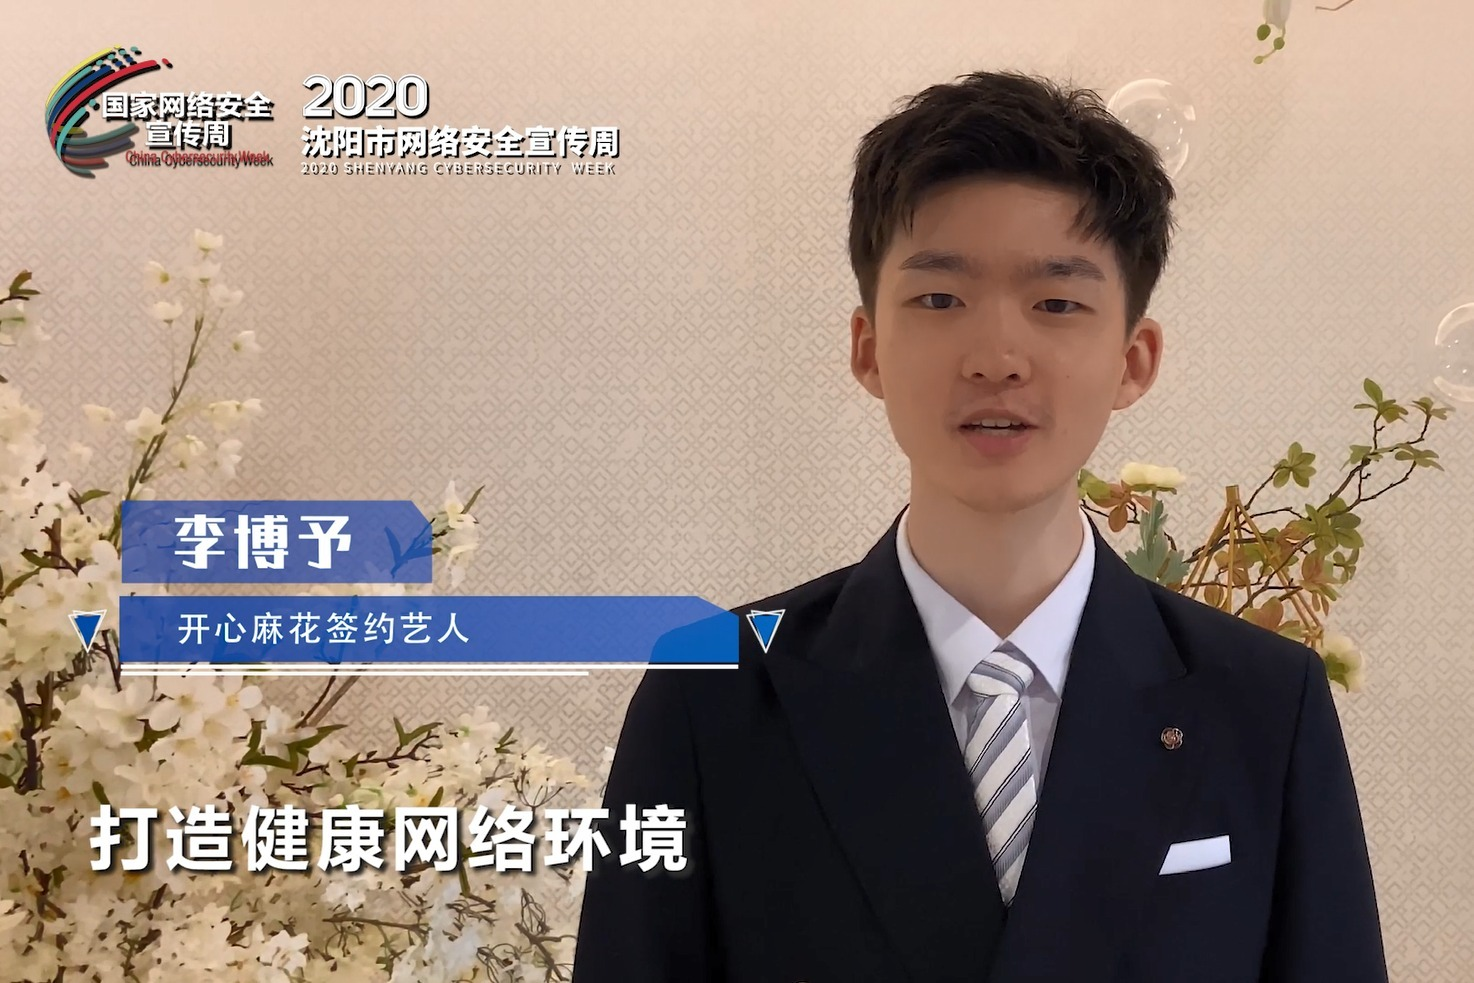 李博予助力2020沈阳市网络安全宣传周